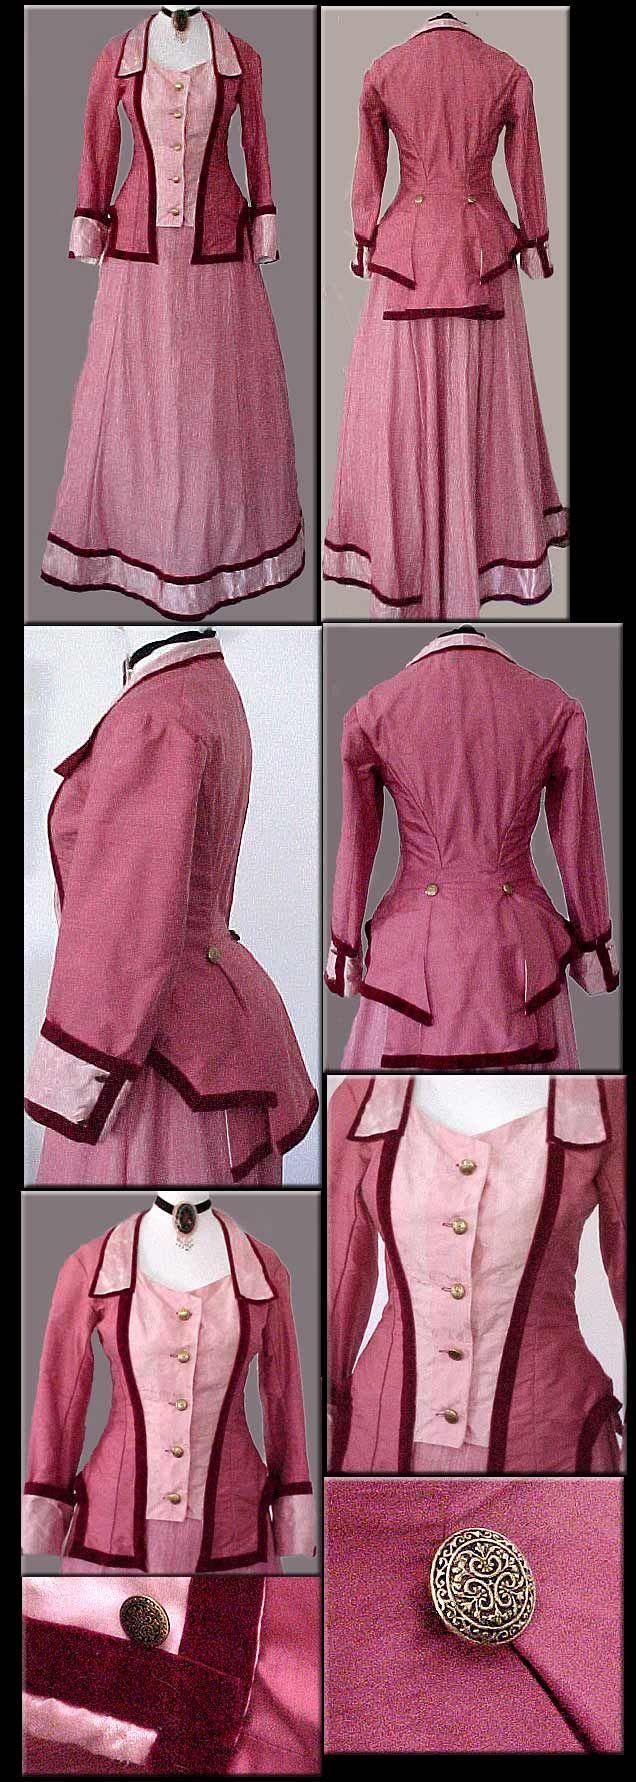 Margaret's Victorian 1870s Rose Silk and Velvet Walking Dress Costume